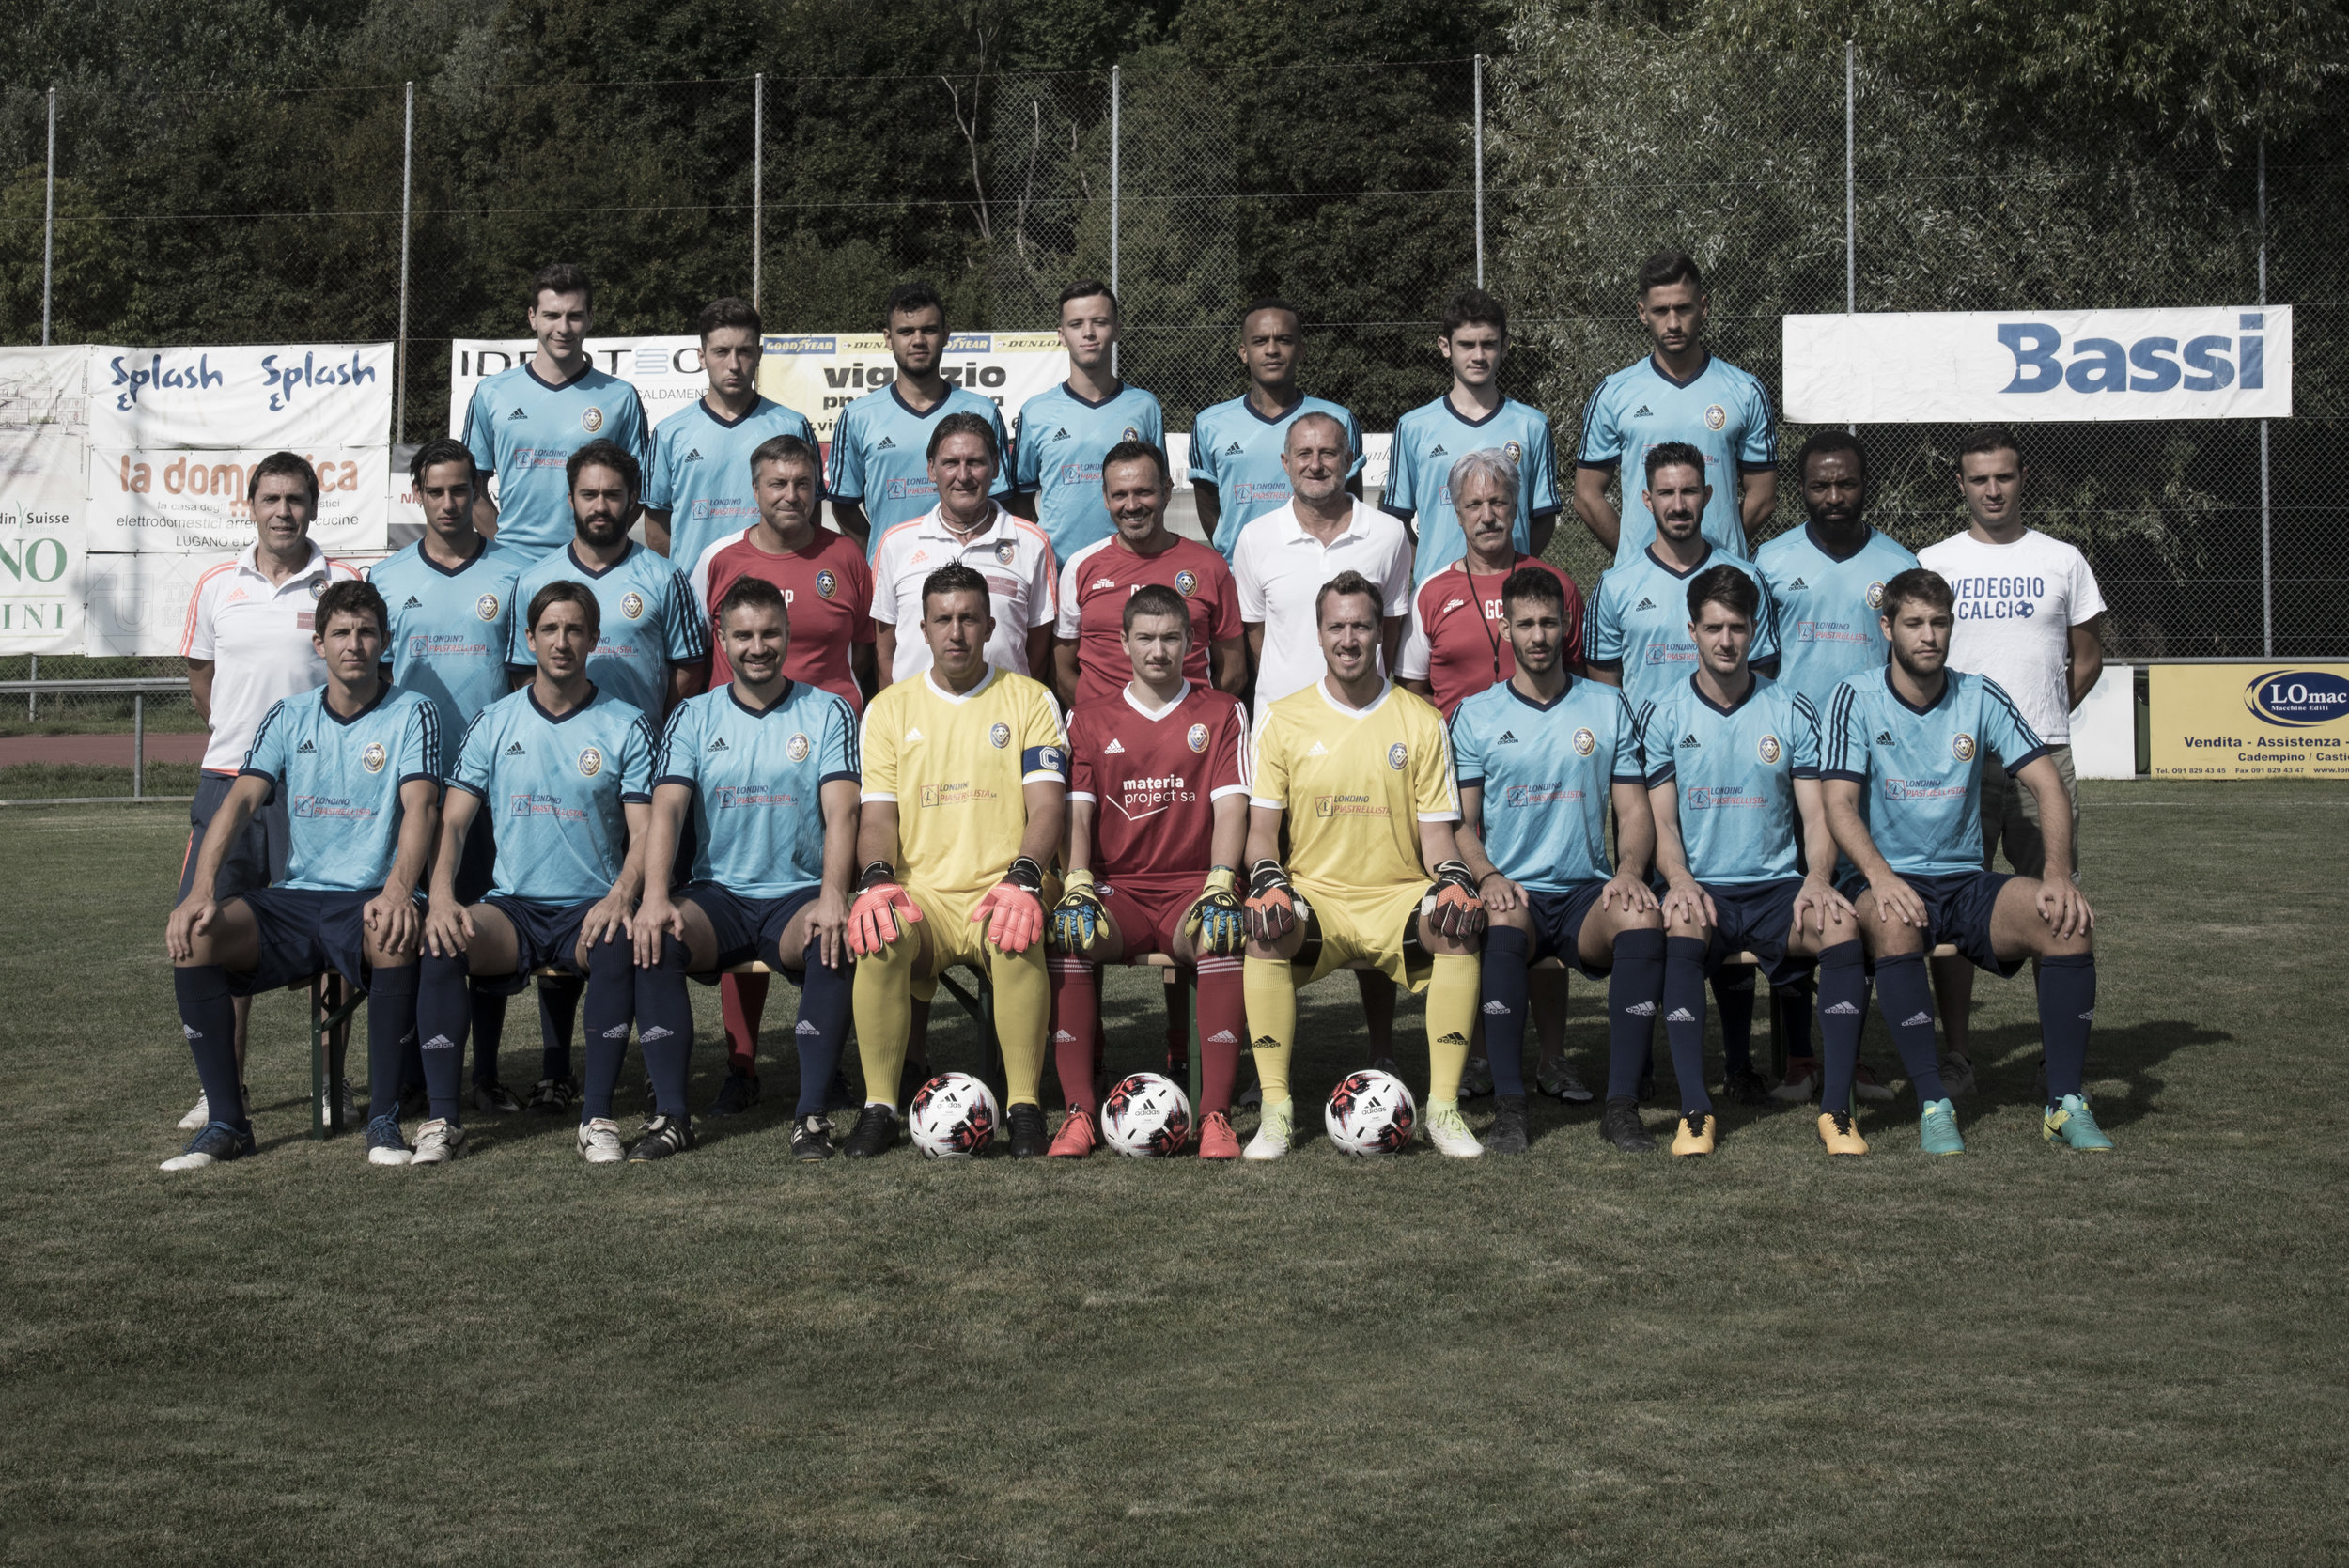 vedeggio_calcio2018-2019.jpg